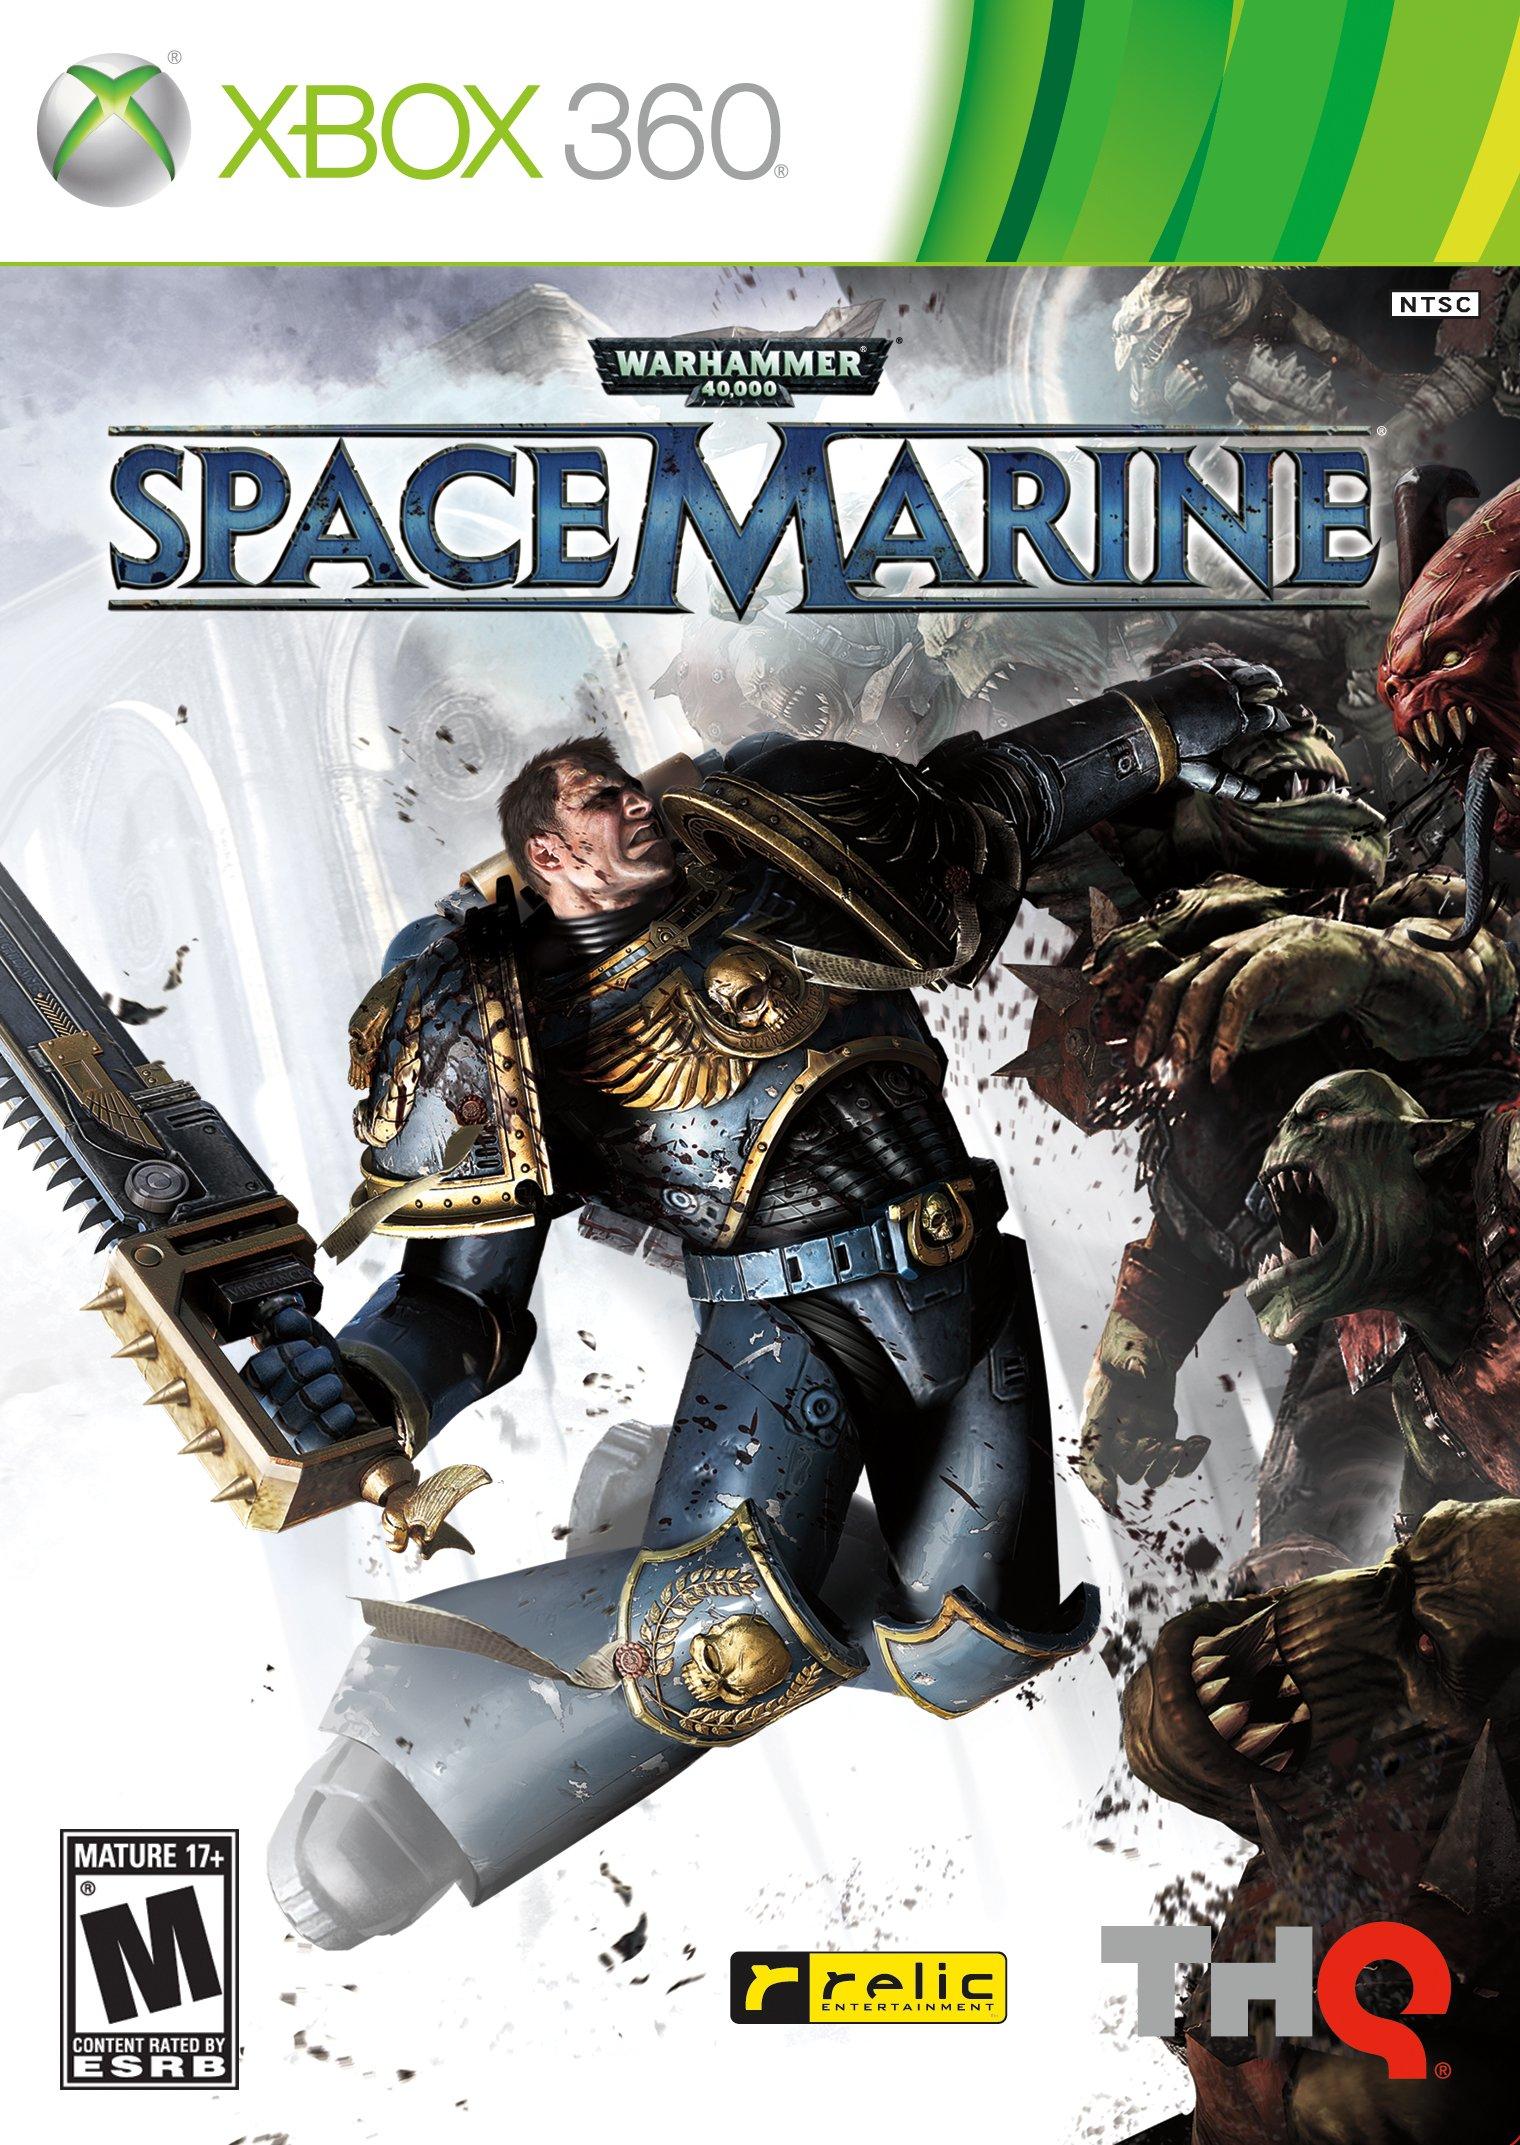 Warhammer 40k space marine xbox 360 gameplay youtube.